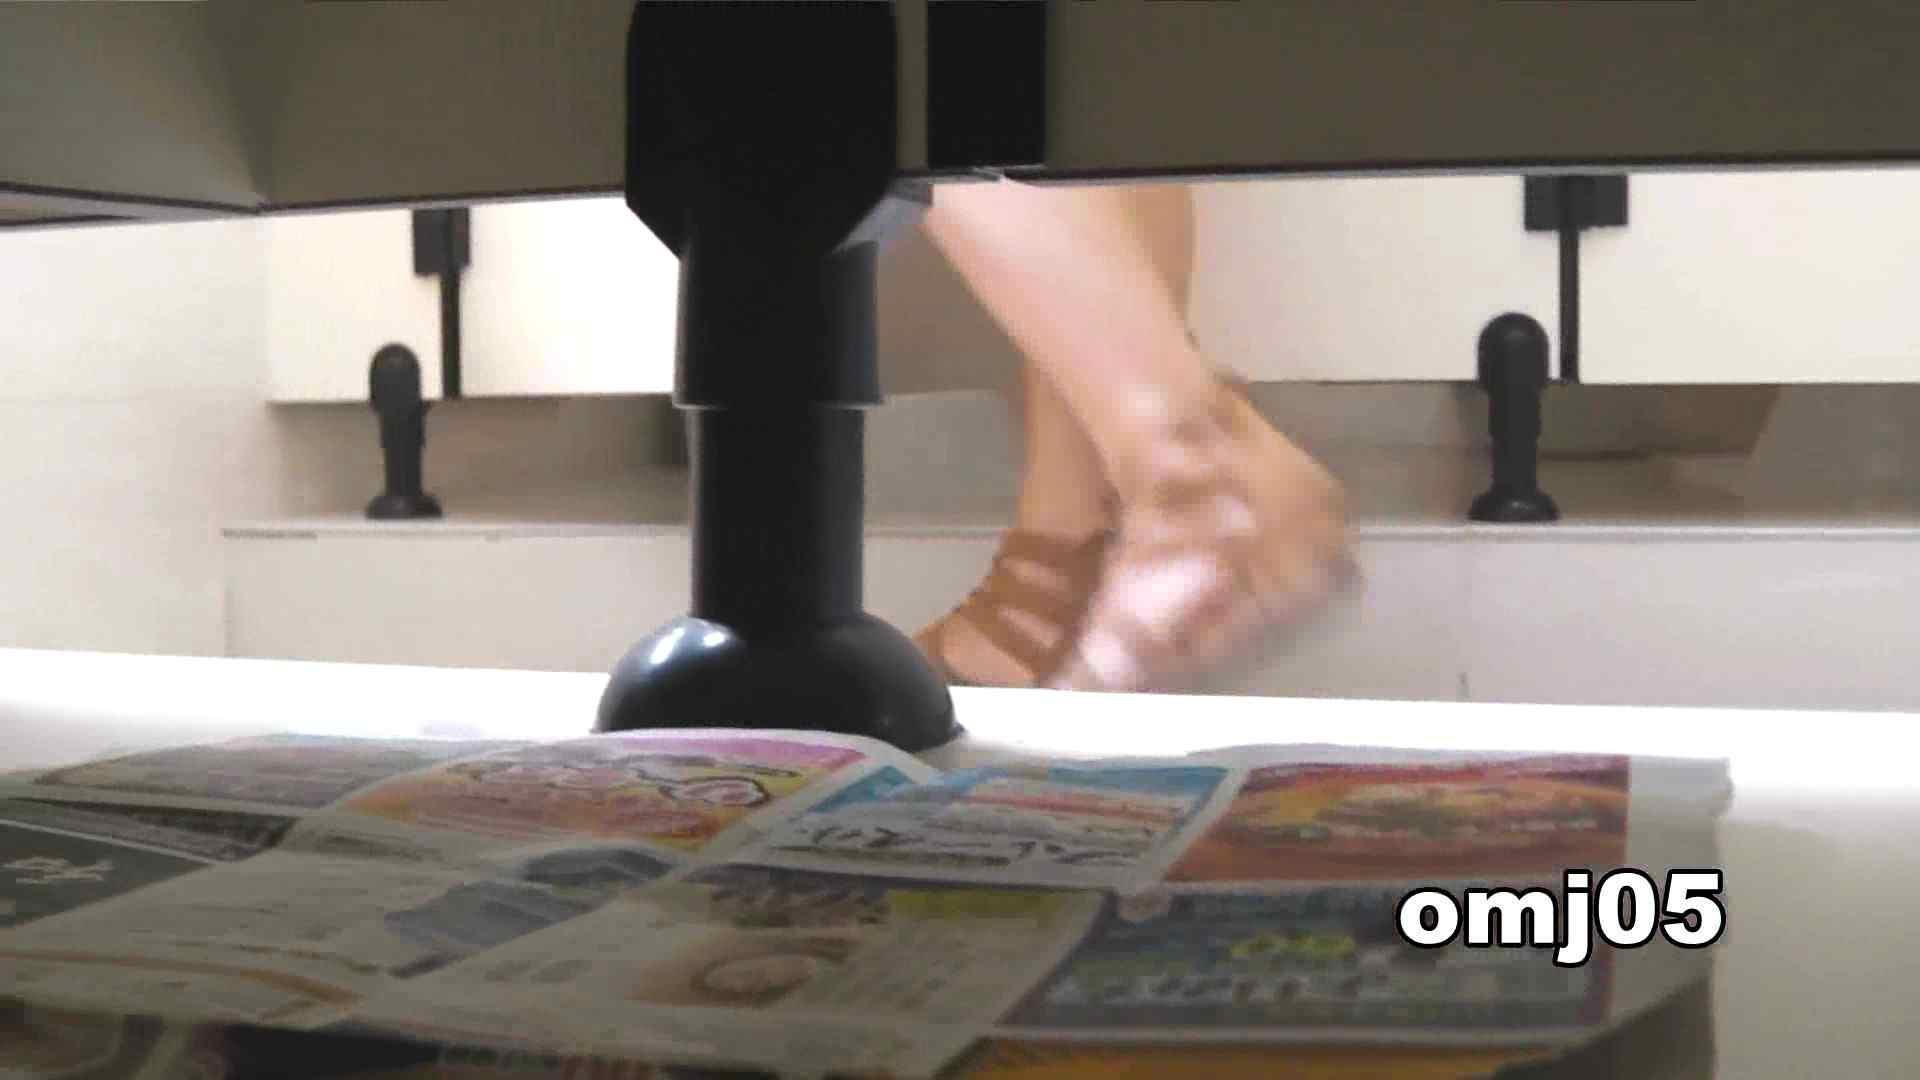 お市さんの「お尻丸出しジャンボリー」 No.5 ∑(゚Д゚)ヒェ~ッ!壁ドン!! エッチなお姉さん われめAV動画紹介 35画像 15